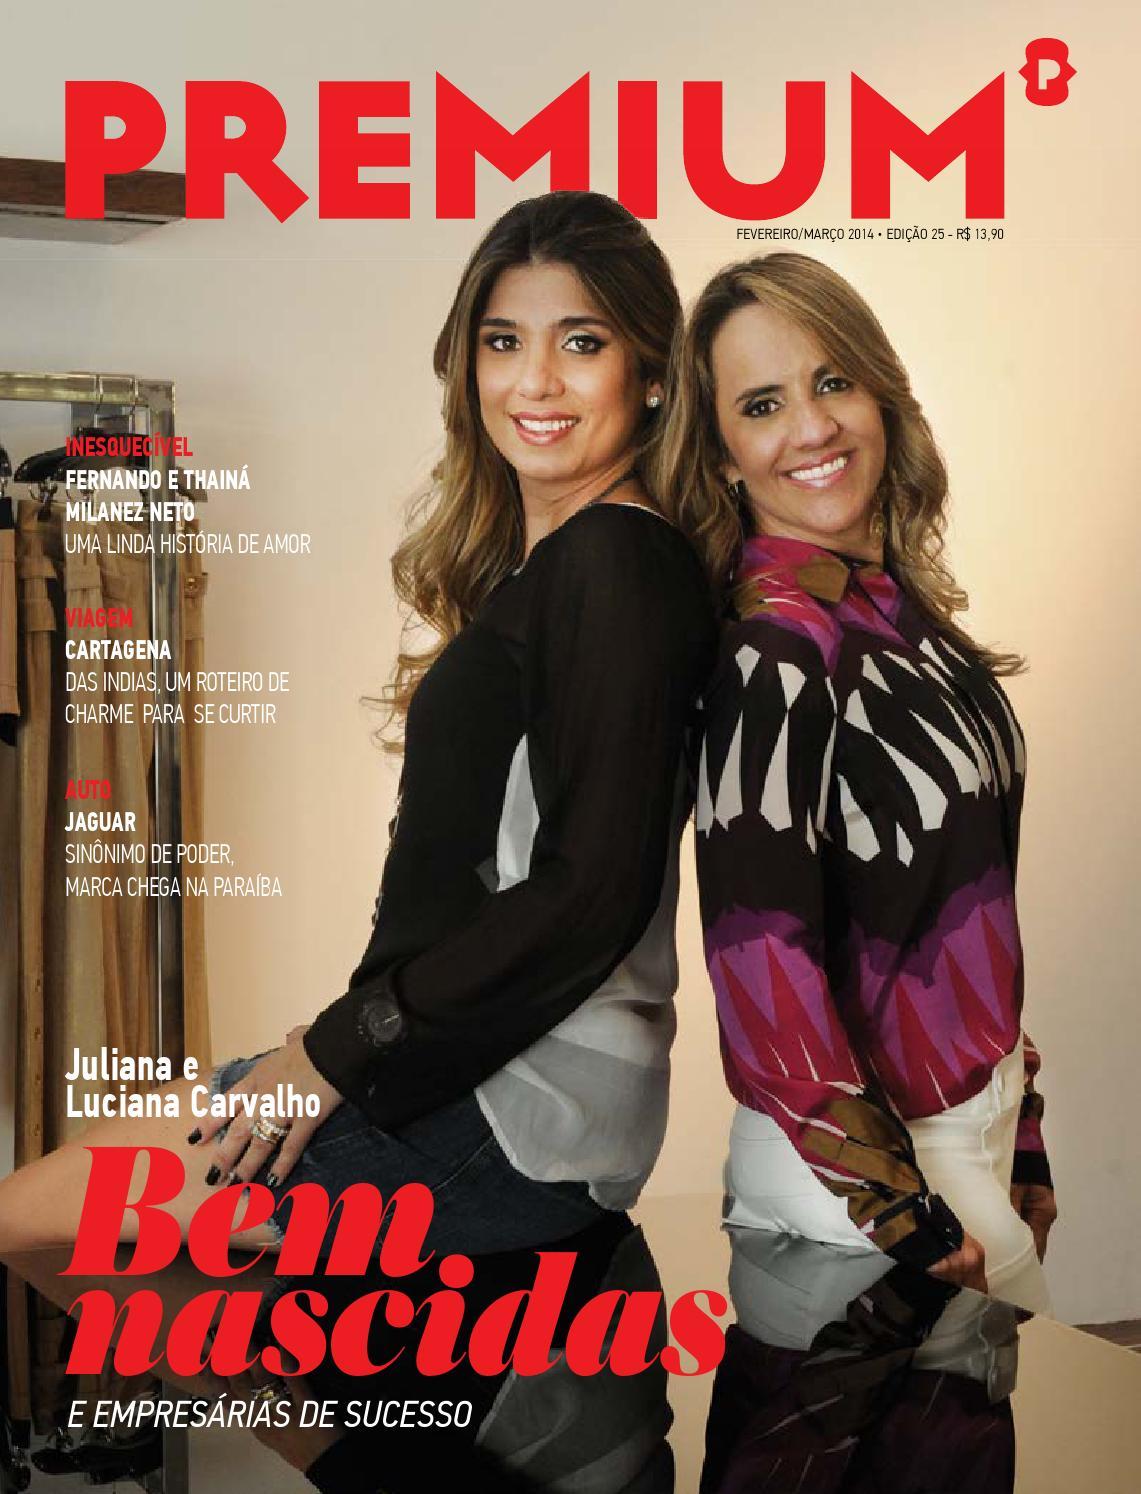 Revista Premium 25 by Revista Premium - issuu 036cbb80fb